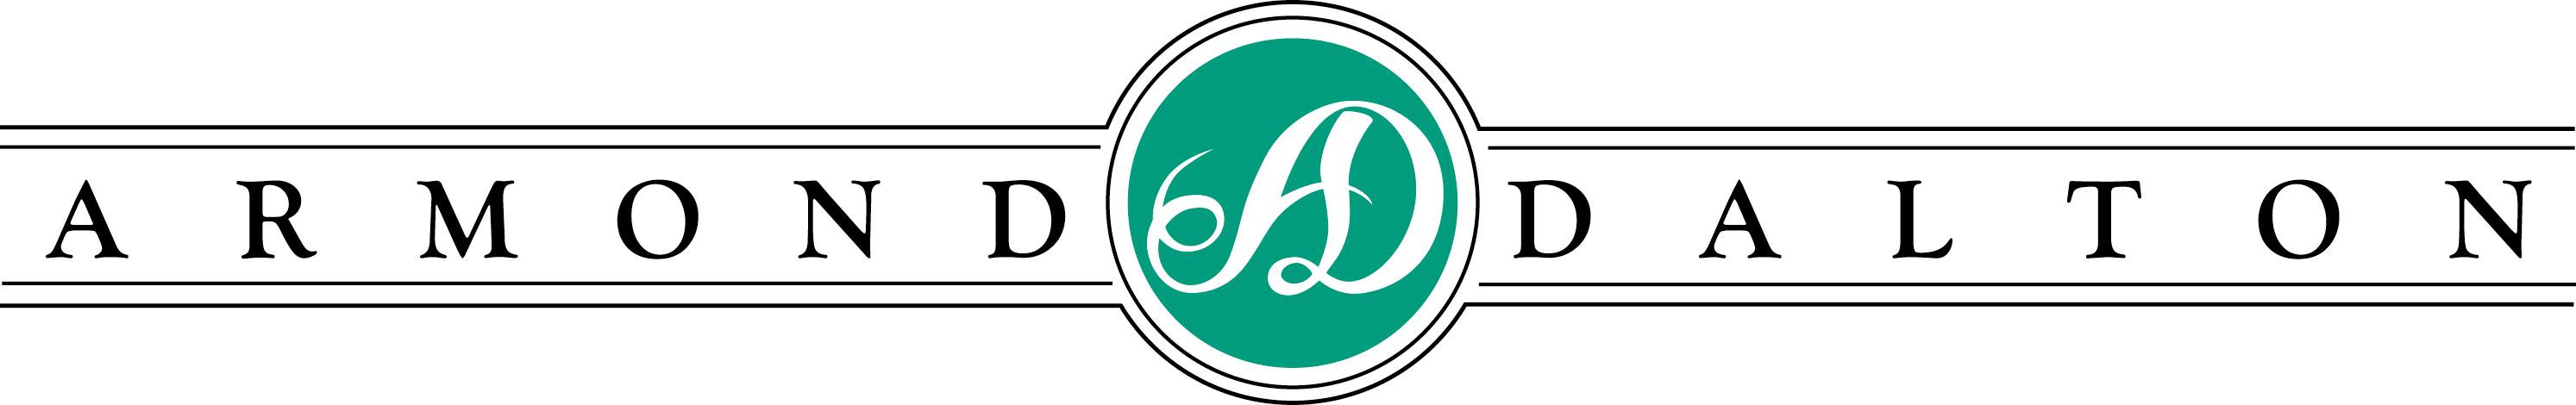 Armond Dalton Resources Logo